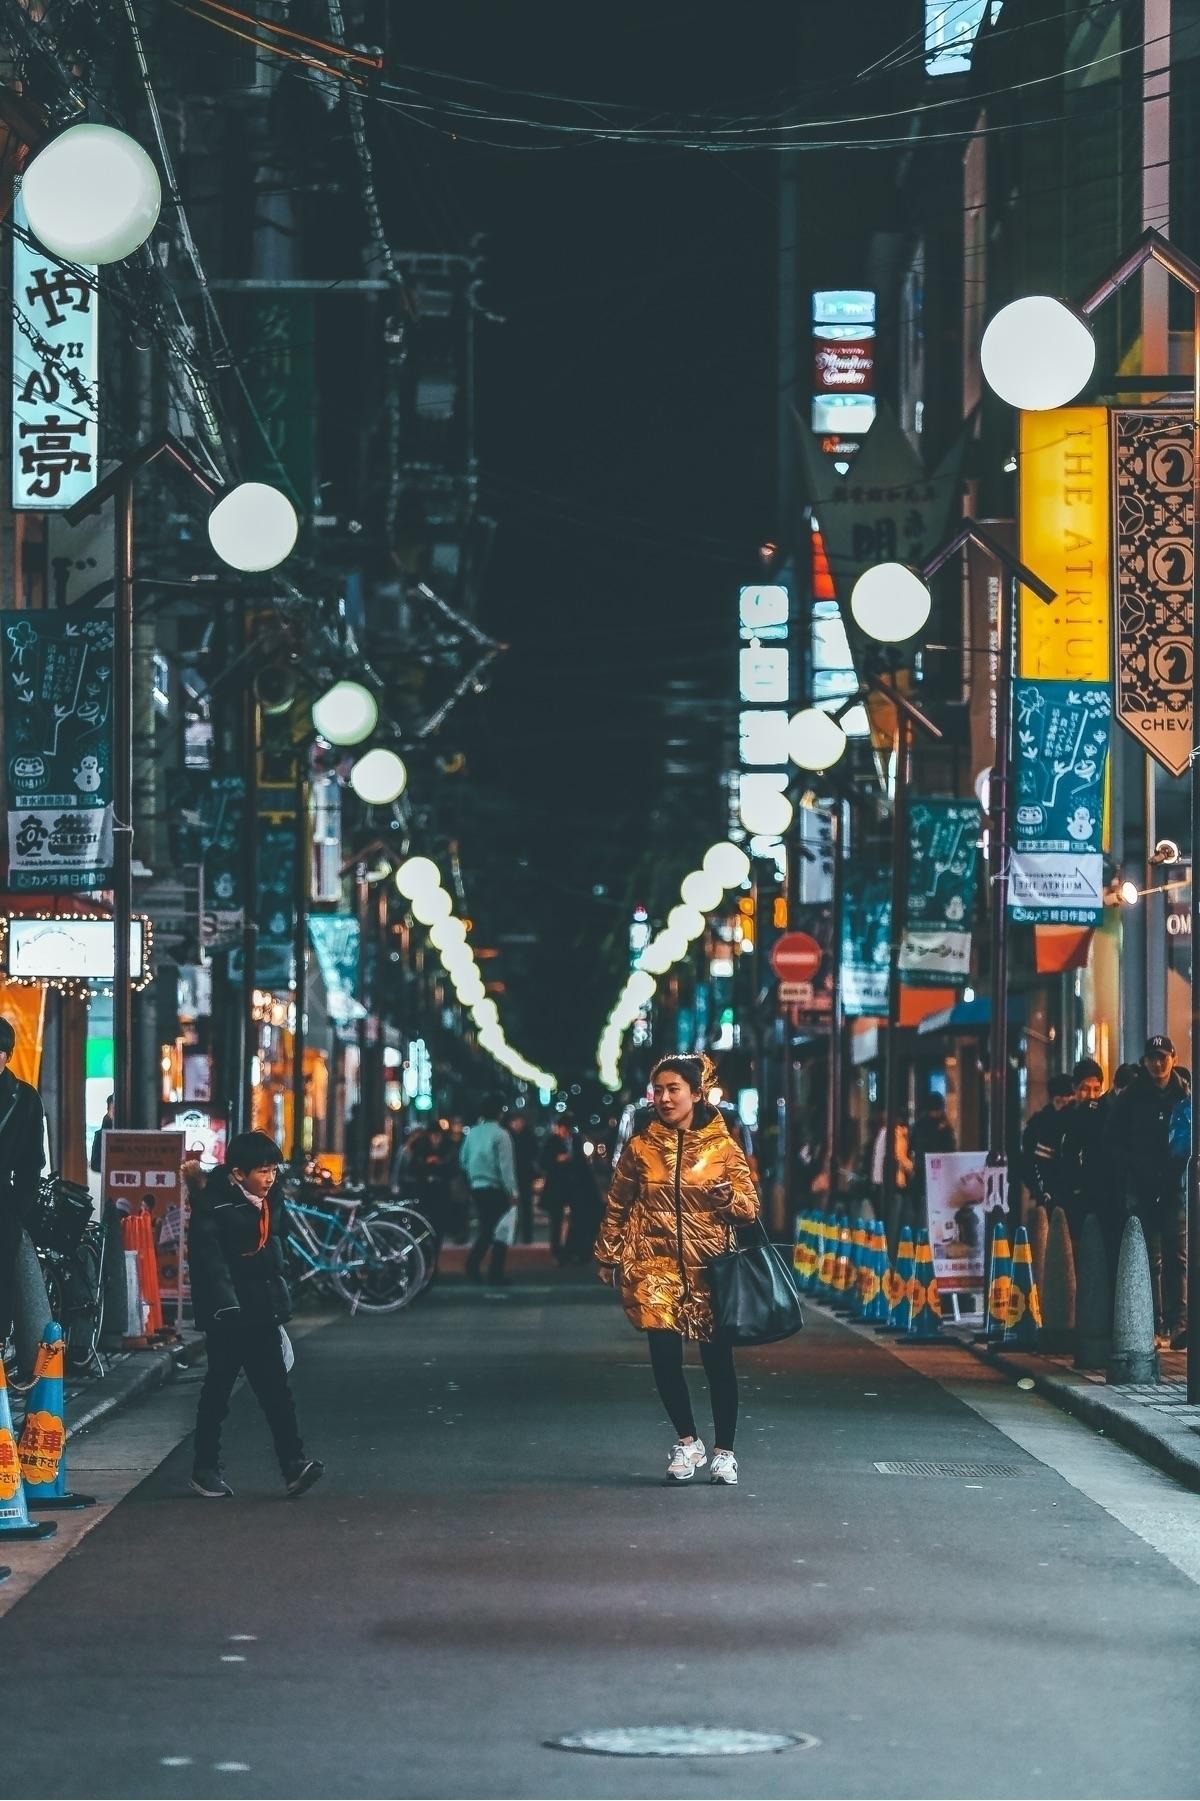 Konichiwa - streetphotography, street - sennysennny   ello